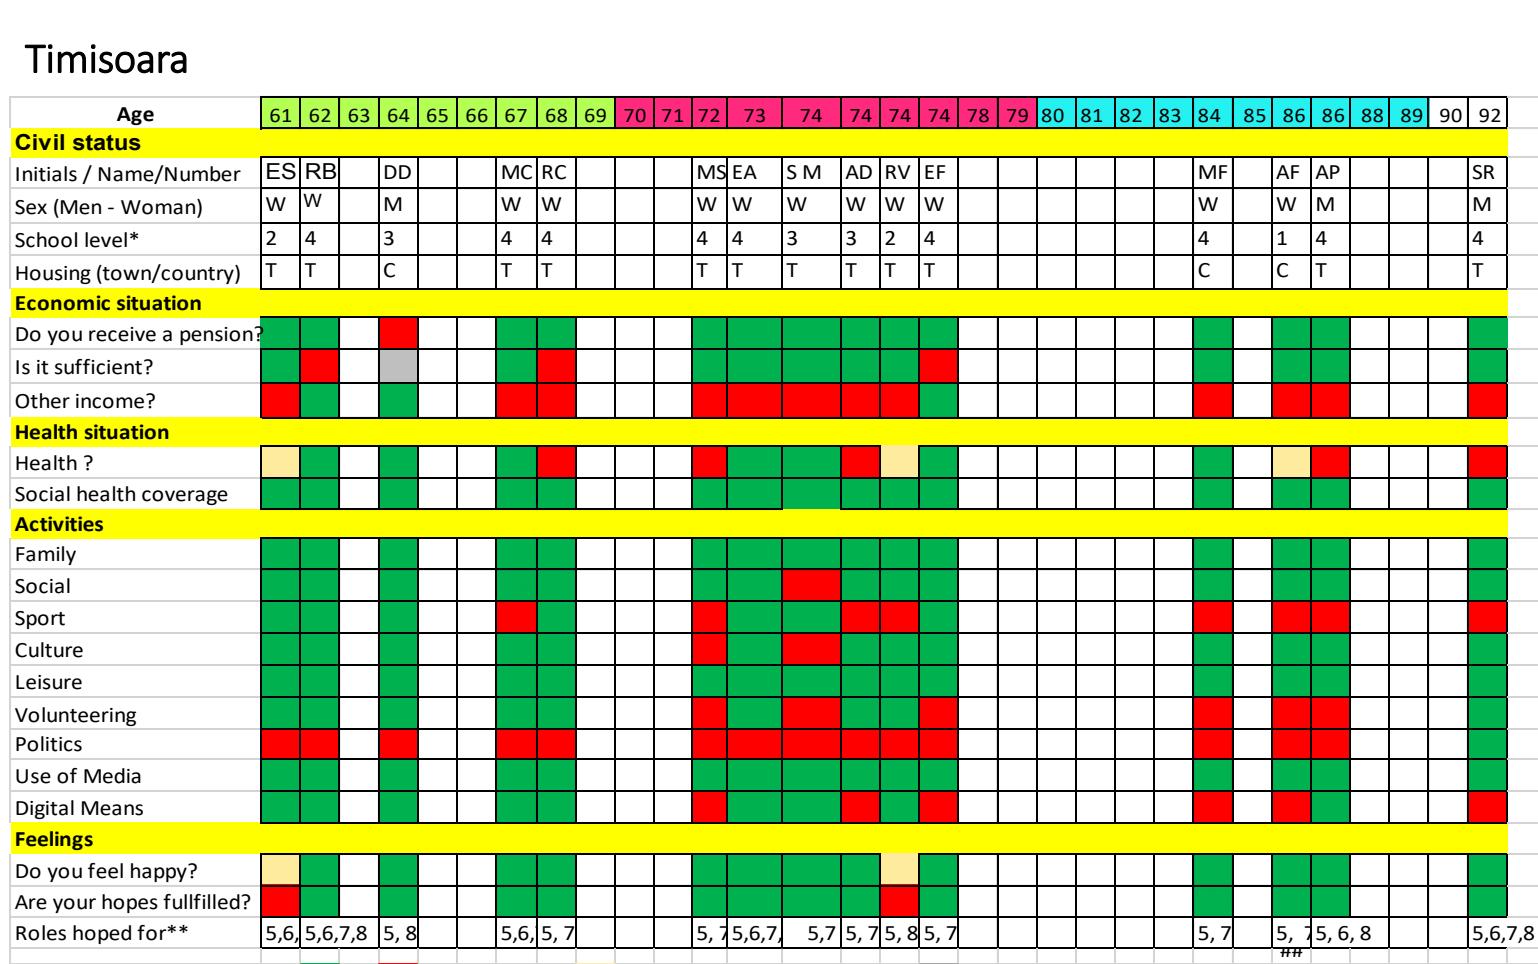 Timisoara grid